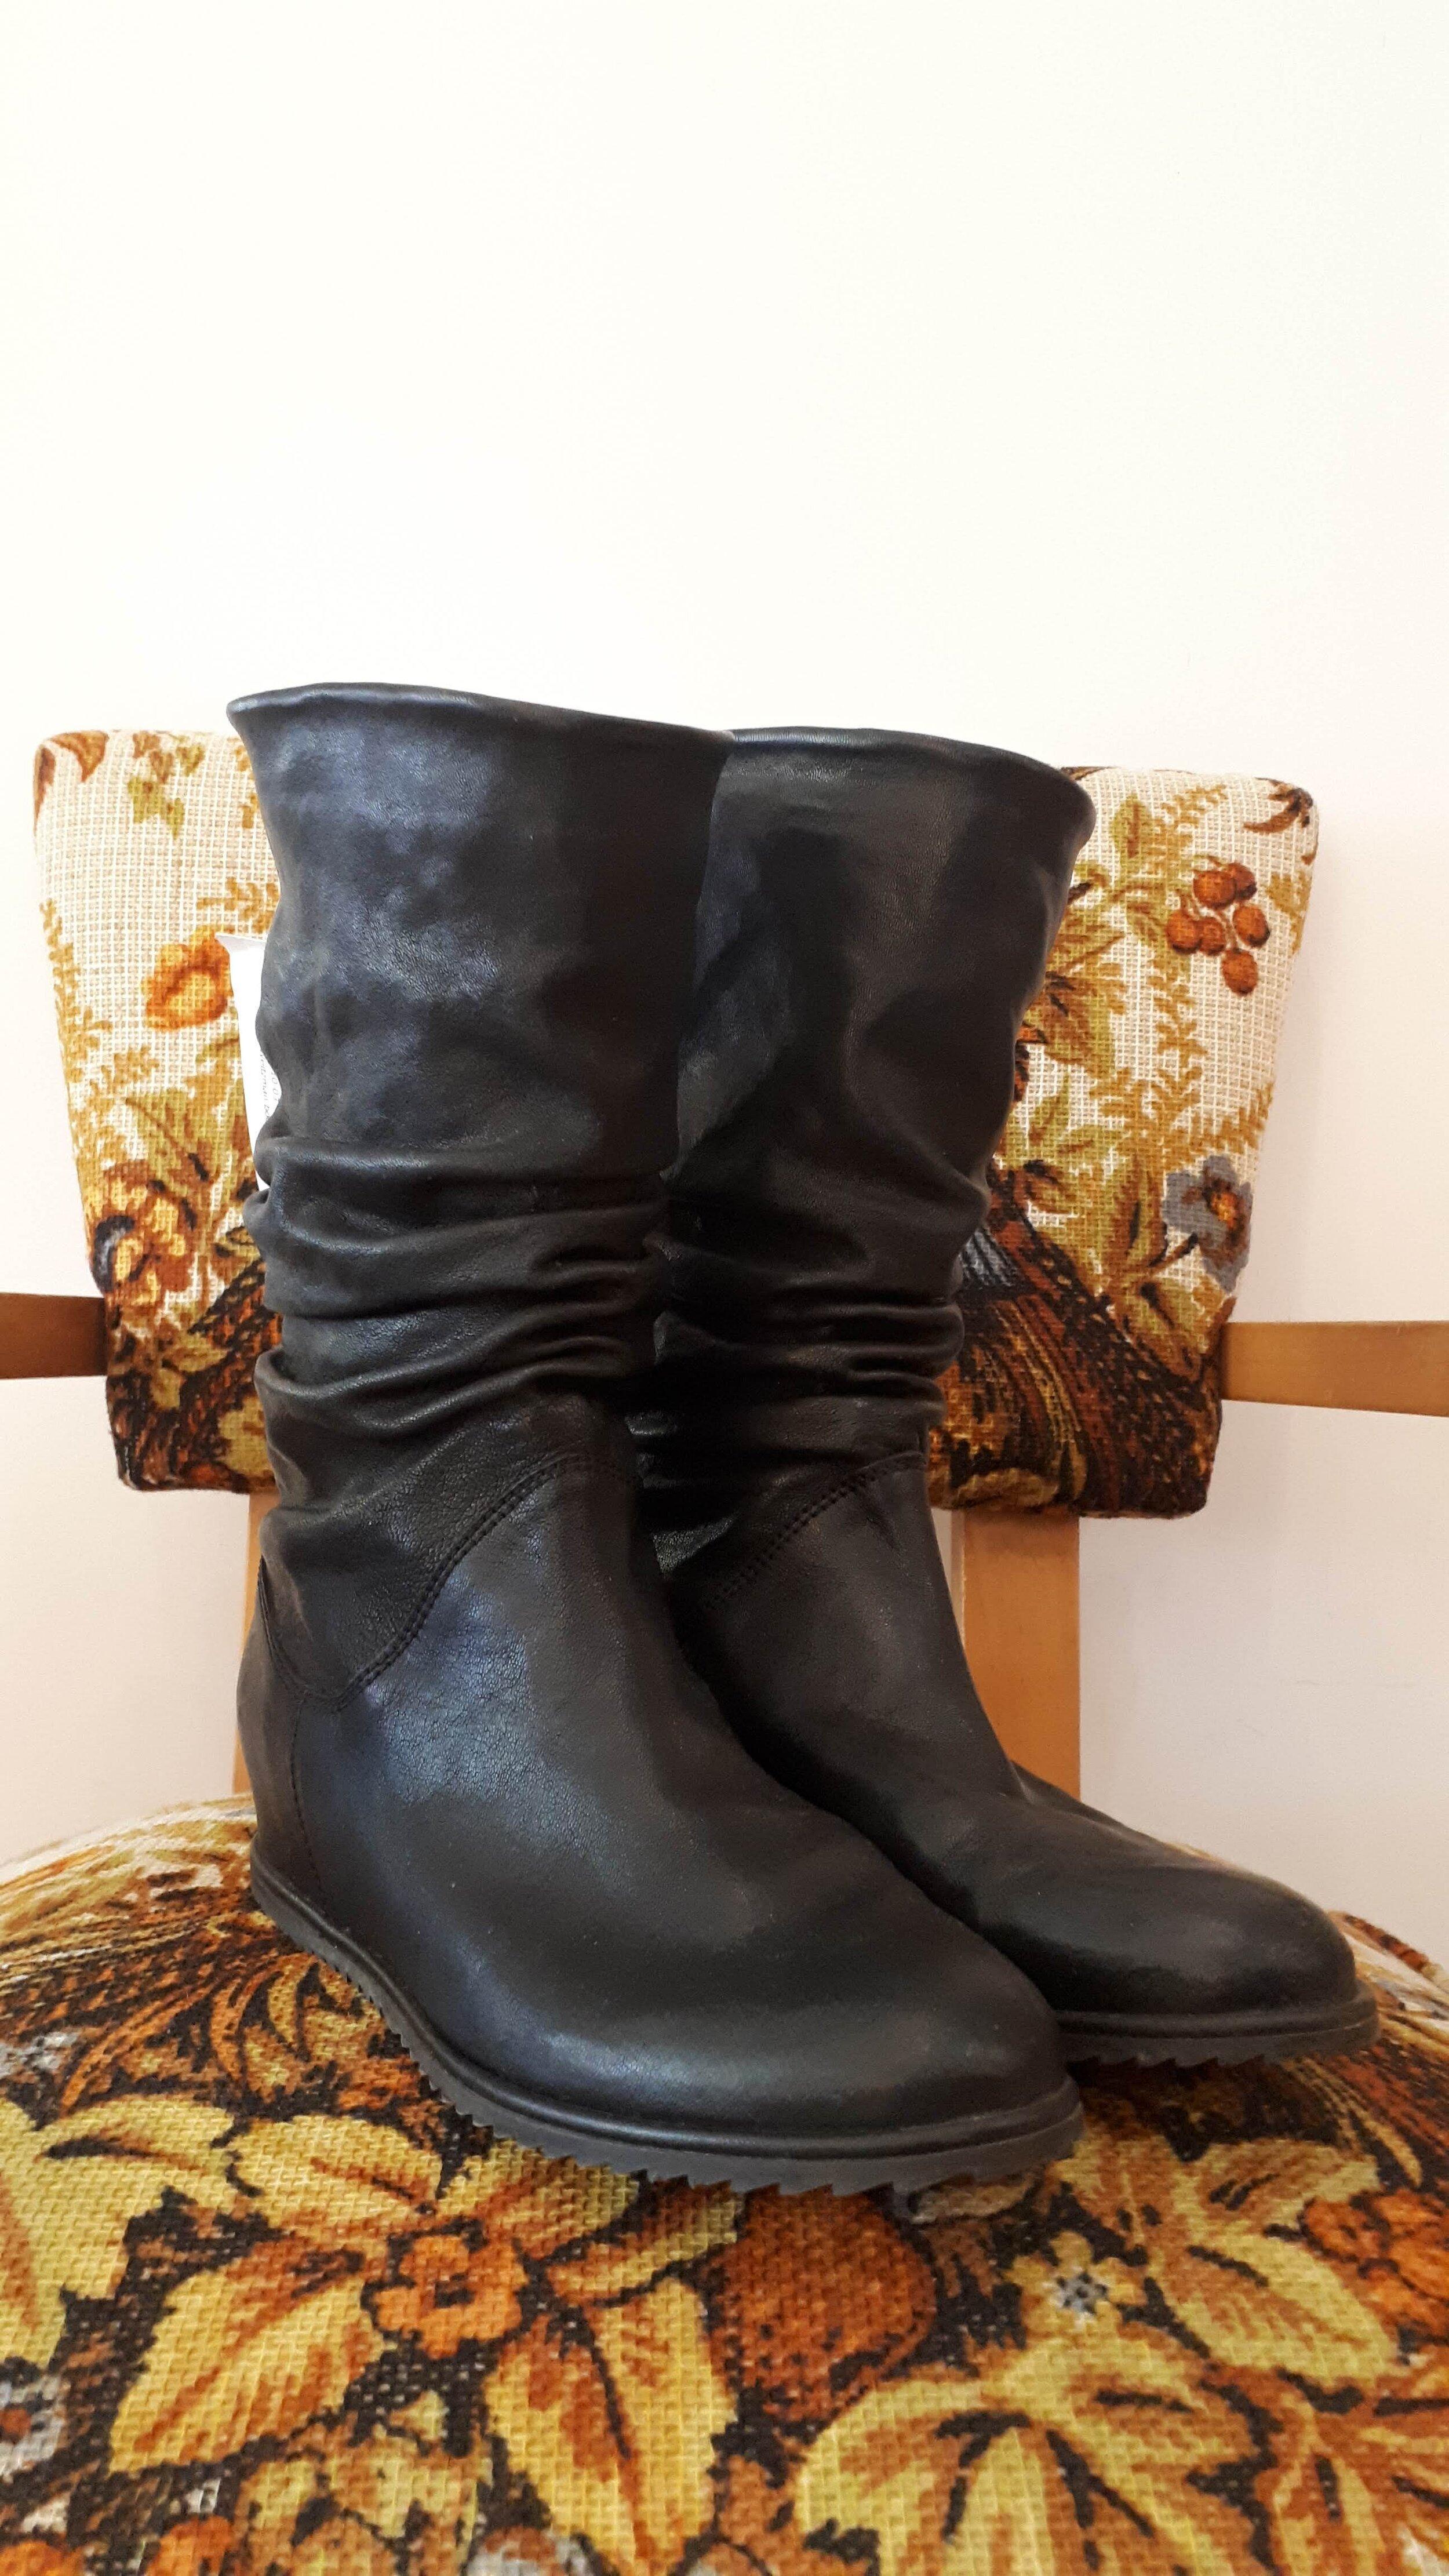 Stuart Weitzman boots; Size 8.5, $150